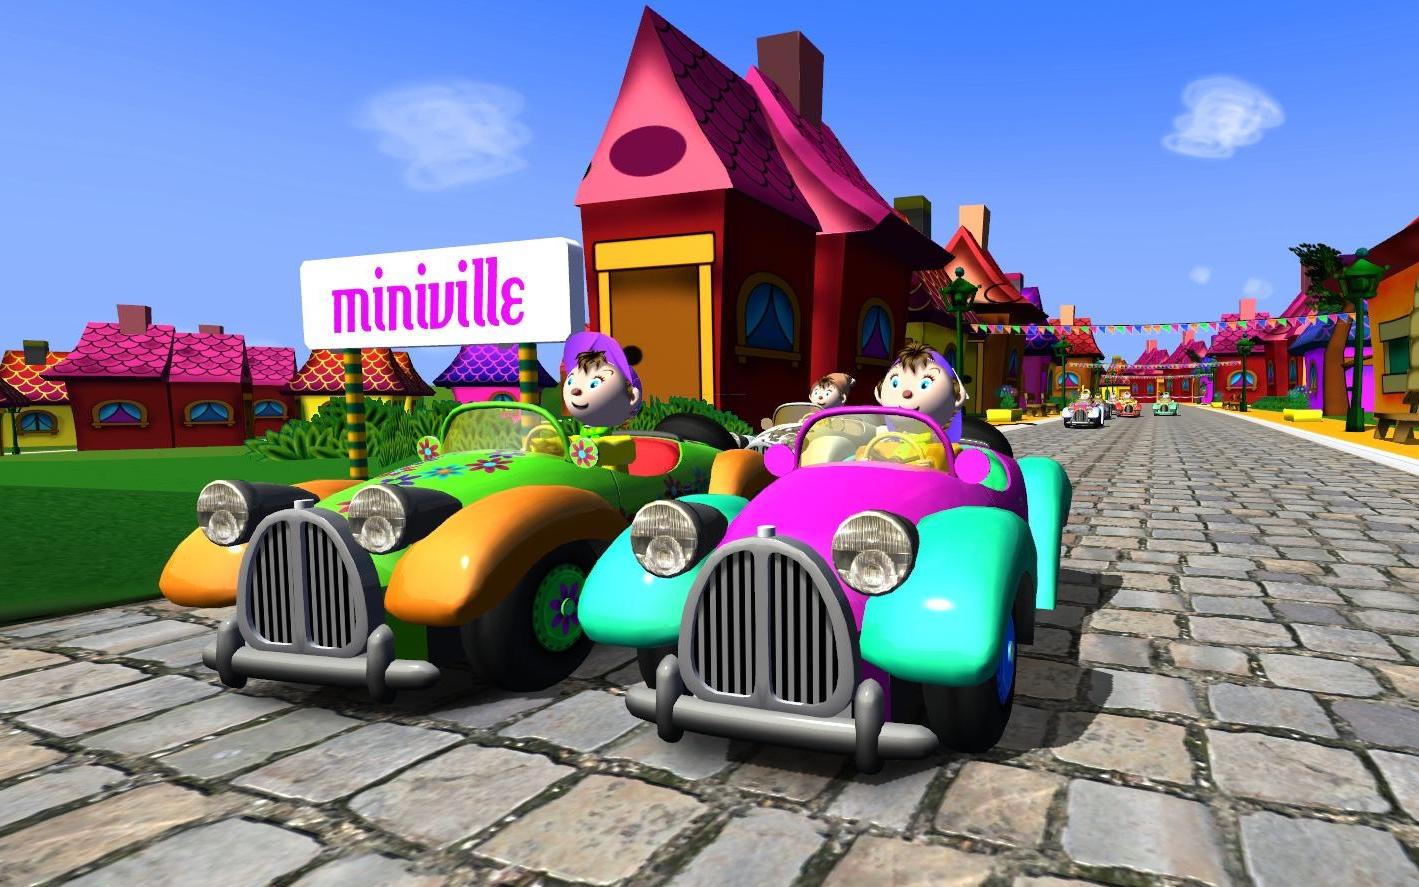 Automobilista Miniville.jpg